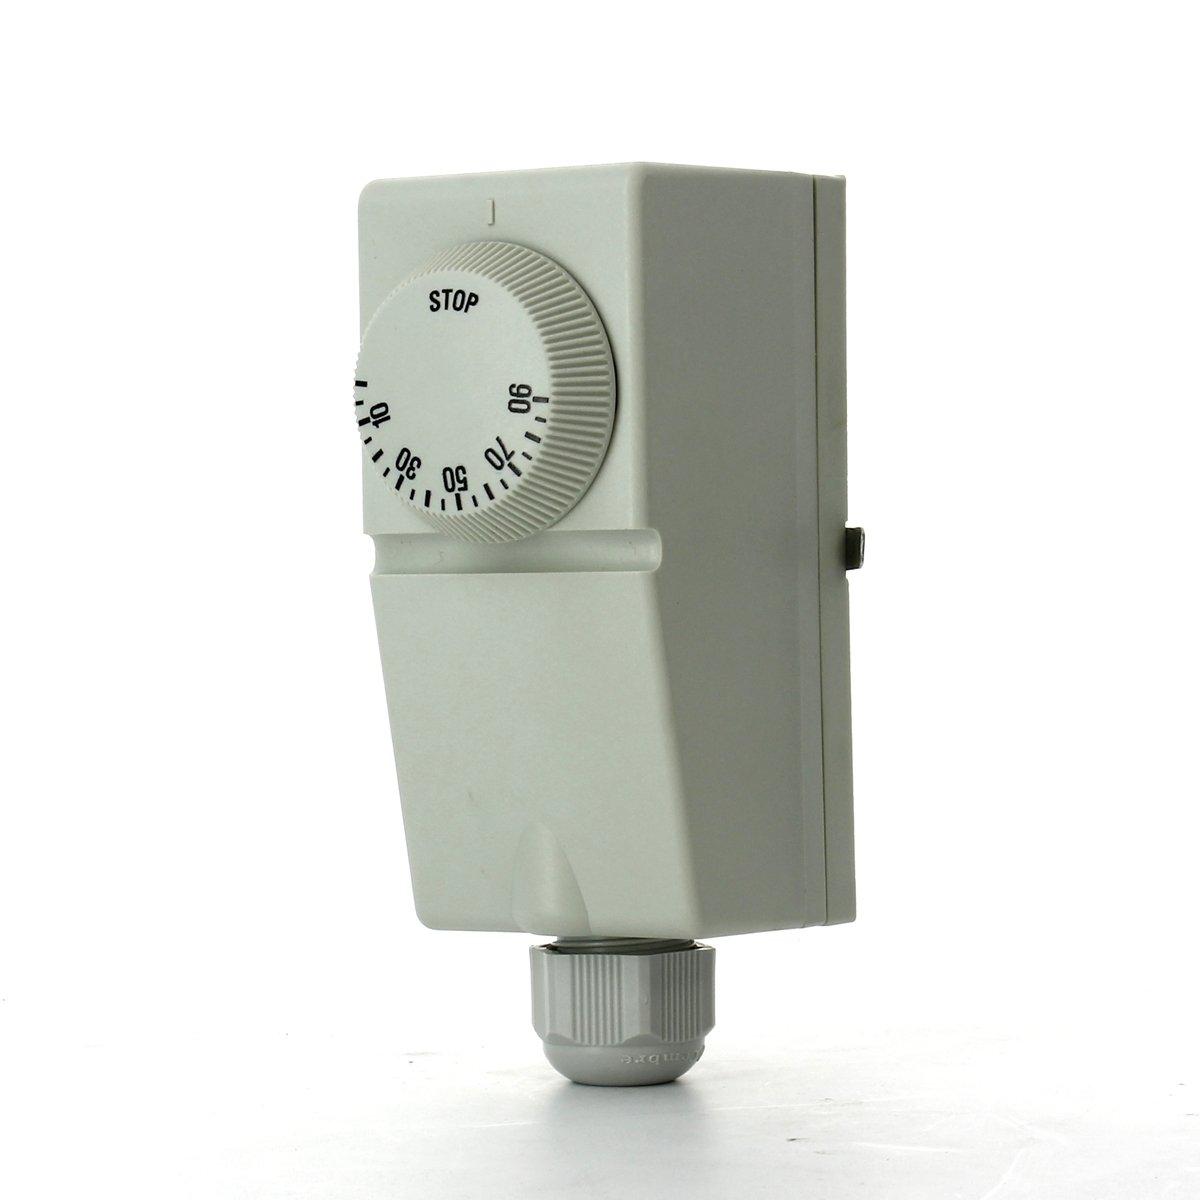 Termostato de contacto para tuberías Vemer Kont VE025300 Termostato de contacto para tubería empleada para cocer agua calderas, y otros aparatos para los ...